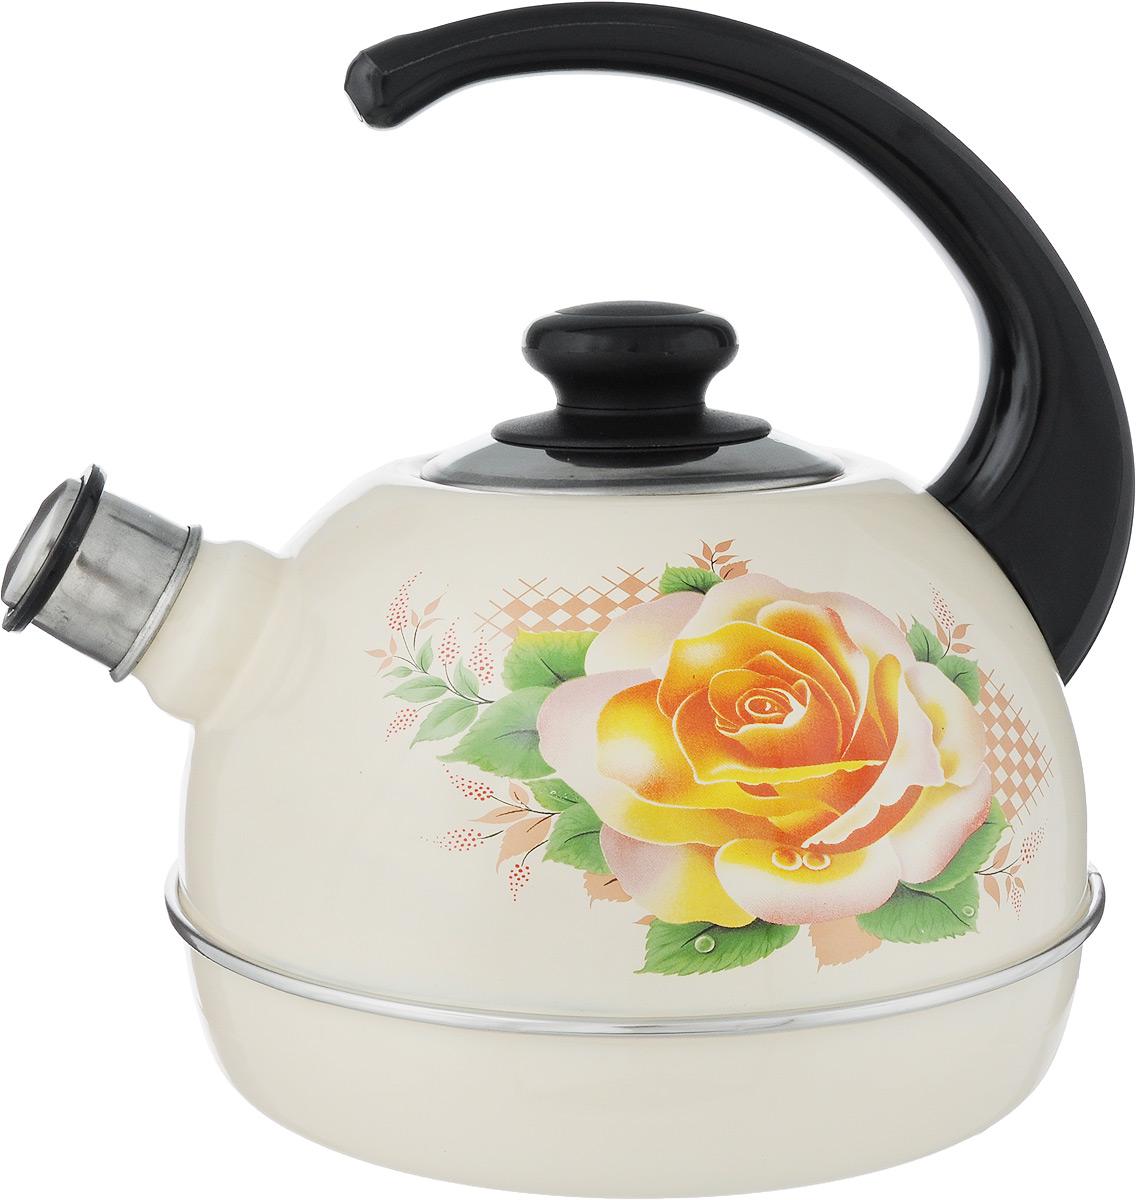 Чайник эмалированный Рубин Роза, со свистком, 3,5 лT04/35/04/06Чайник Рубин Роза выполнен из высококачественного стального проката, что обеспечивает долговечность использования. Внешнее трехслойное эмалевое покрытие Mefrit не вступает во взаимодействие с пищевыми продуктами. Такое покрытие защищает сталь от коррозии, придает посуде гладкую стекловидную поверхность и надежно защищает от кислот и щелочей. Чайник оснащен фиксированной ручкой из пластика и крышкой, которая плотно прилегает к краю. Носик чайника оснащен съемным свистком, звуковой сигнал которого подскажет, когда закипит вода. Можно мыть в посудомоечной машине. Пригоден для всех видов плит, включая индукционные. Высота чайника (с учетом ручки): 24 см.Высота чайника (без учета крышки и ручки): 14 см.Диаметр по верхнему краю: 8,7 см.